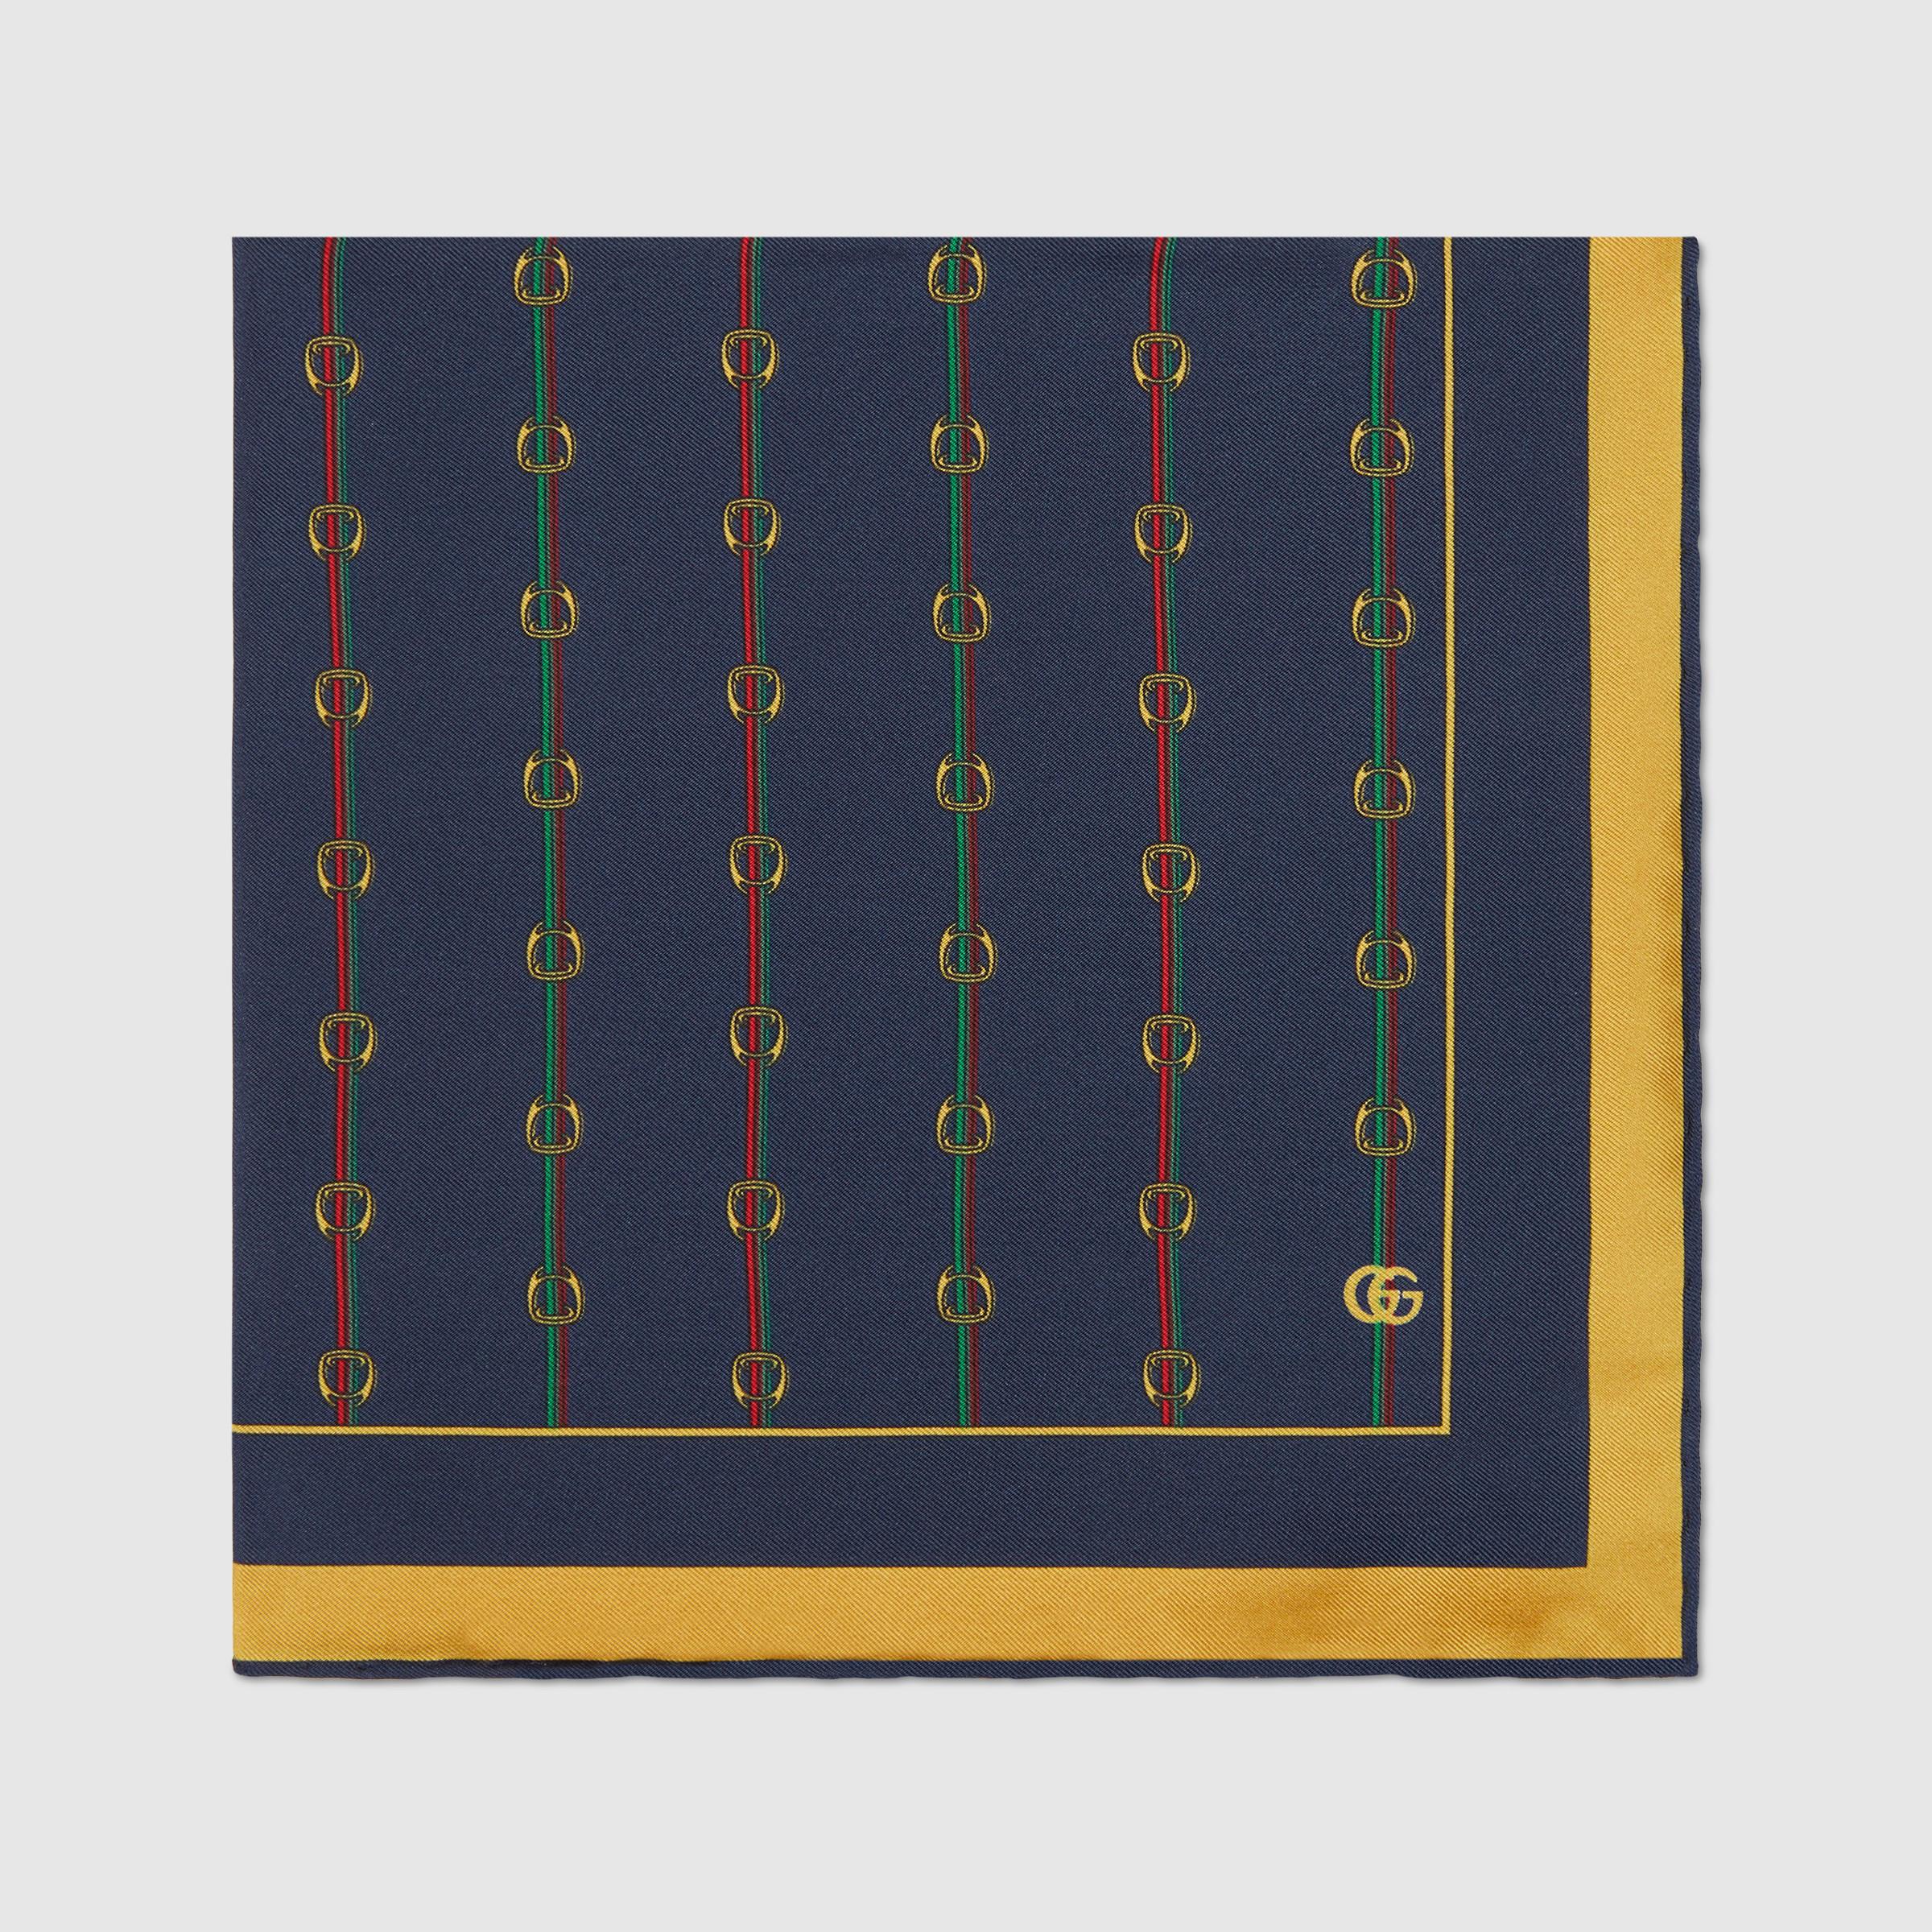 유럽직배송 구찌 GUCCI Gucci Pocket square with Stirrups and Web print 5619894G0014075